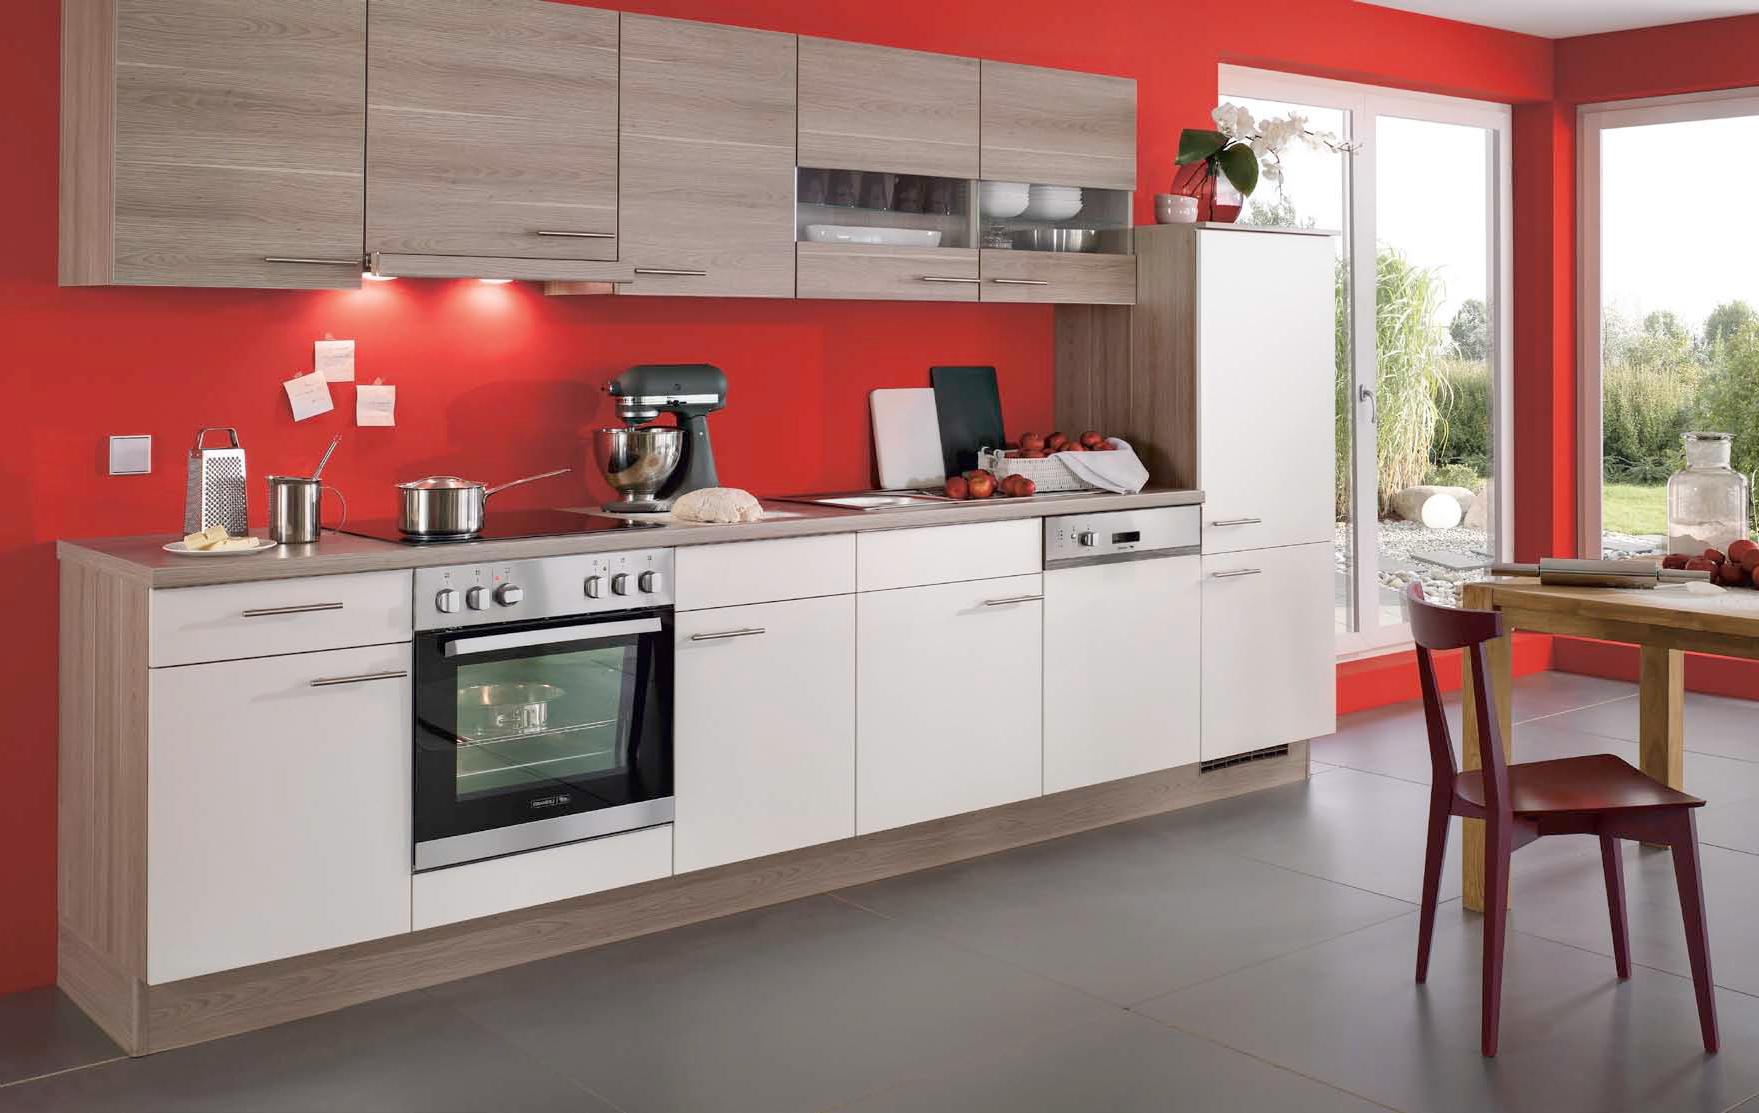 Muebles De Cocina Baratos H9d9 Muebles De Cocina Baratos Tipos De Muebles Para Cocina Mundo De